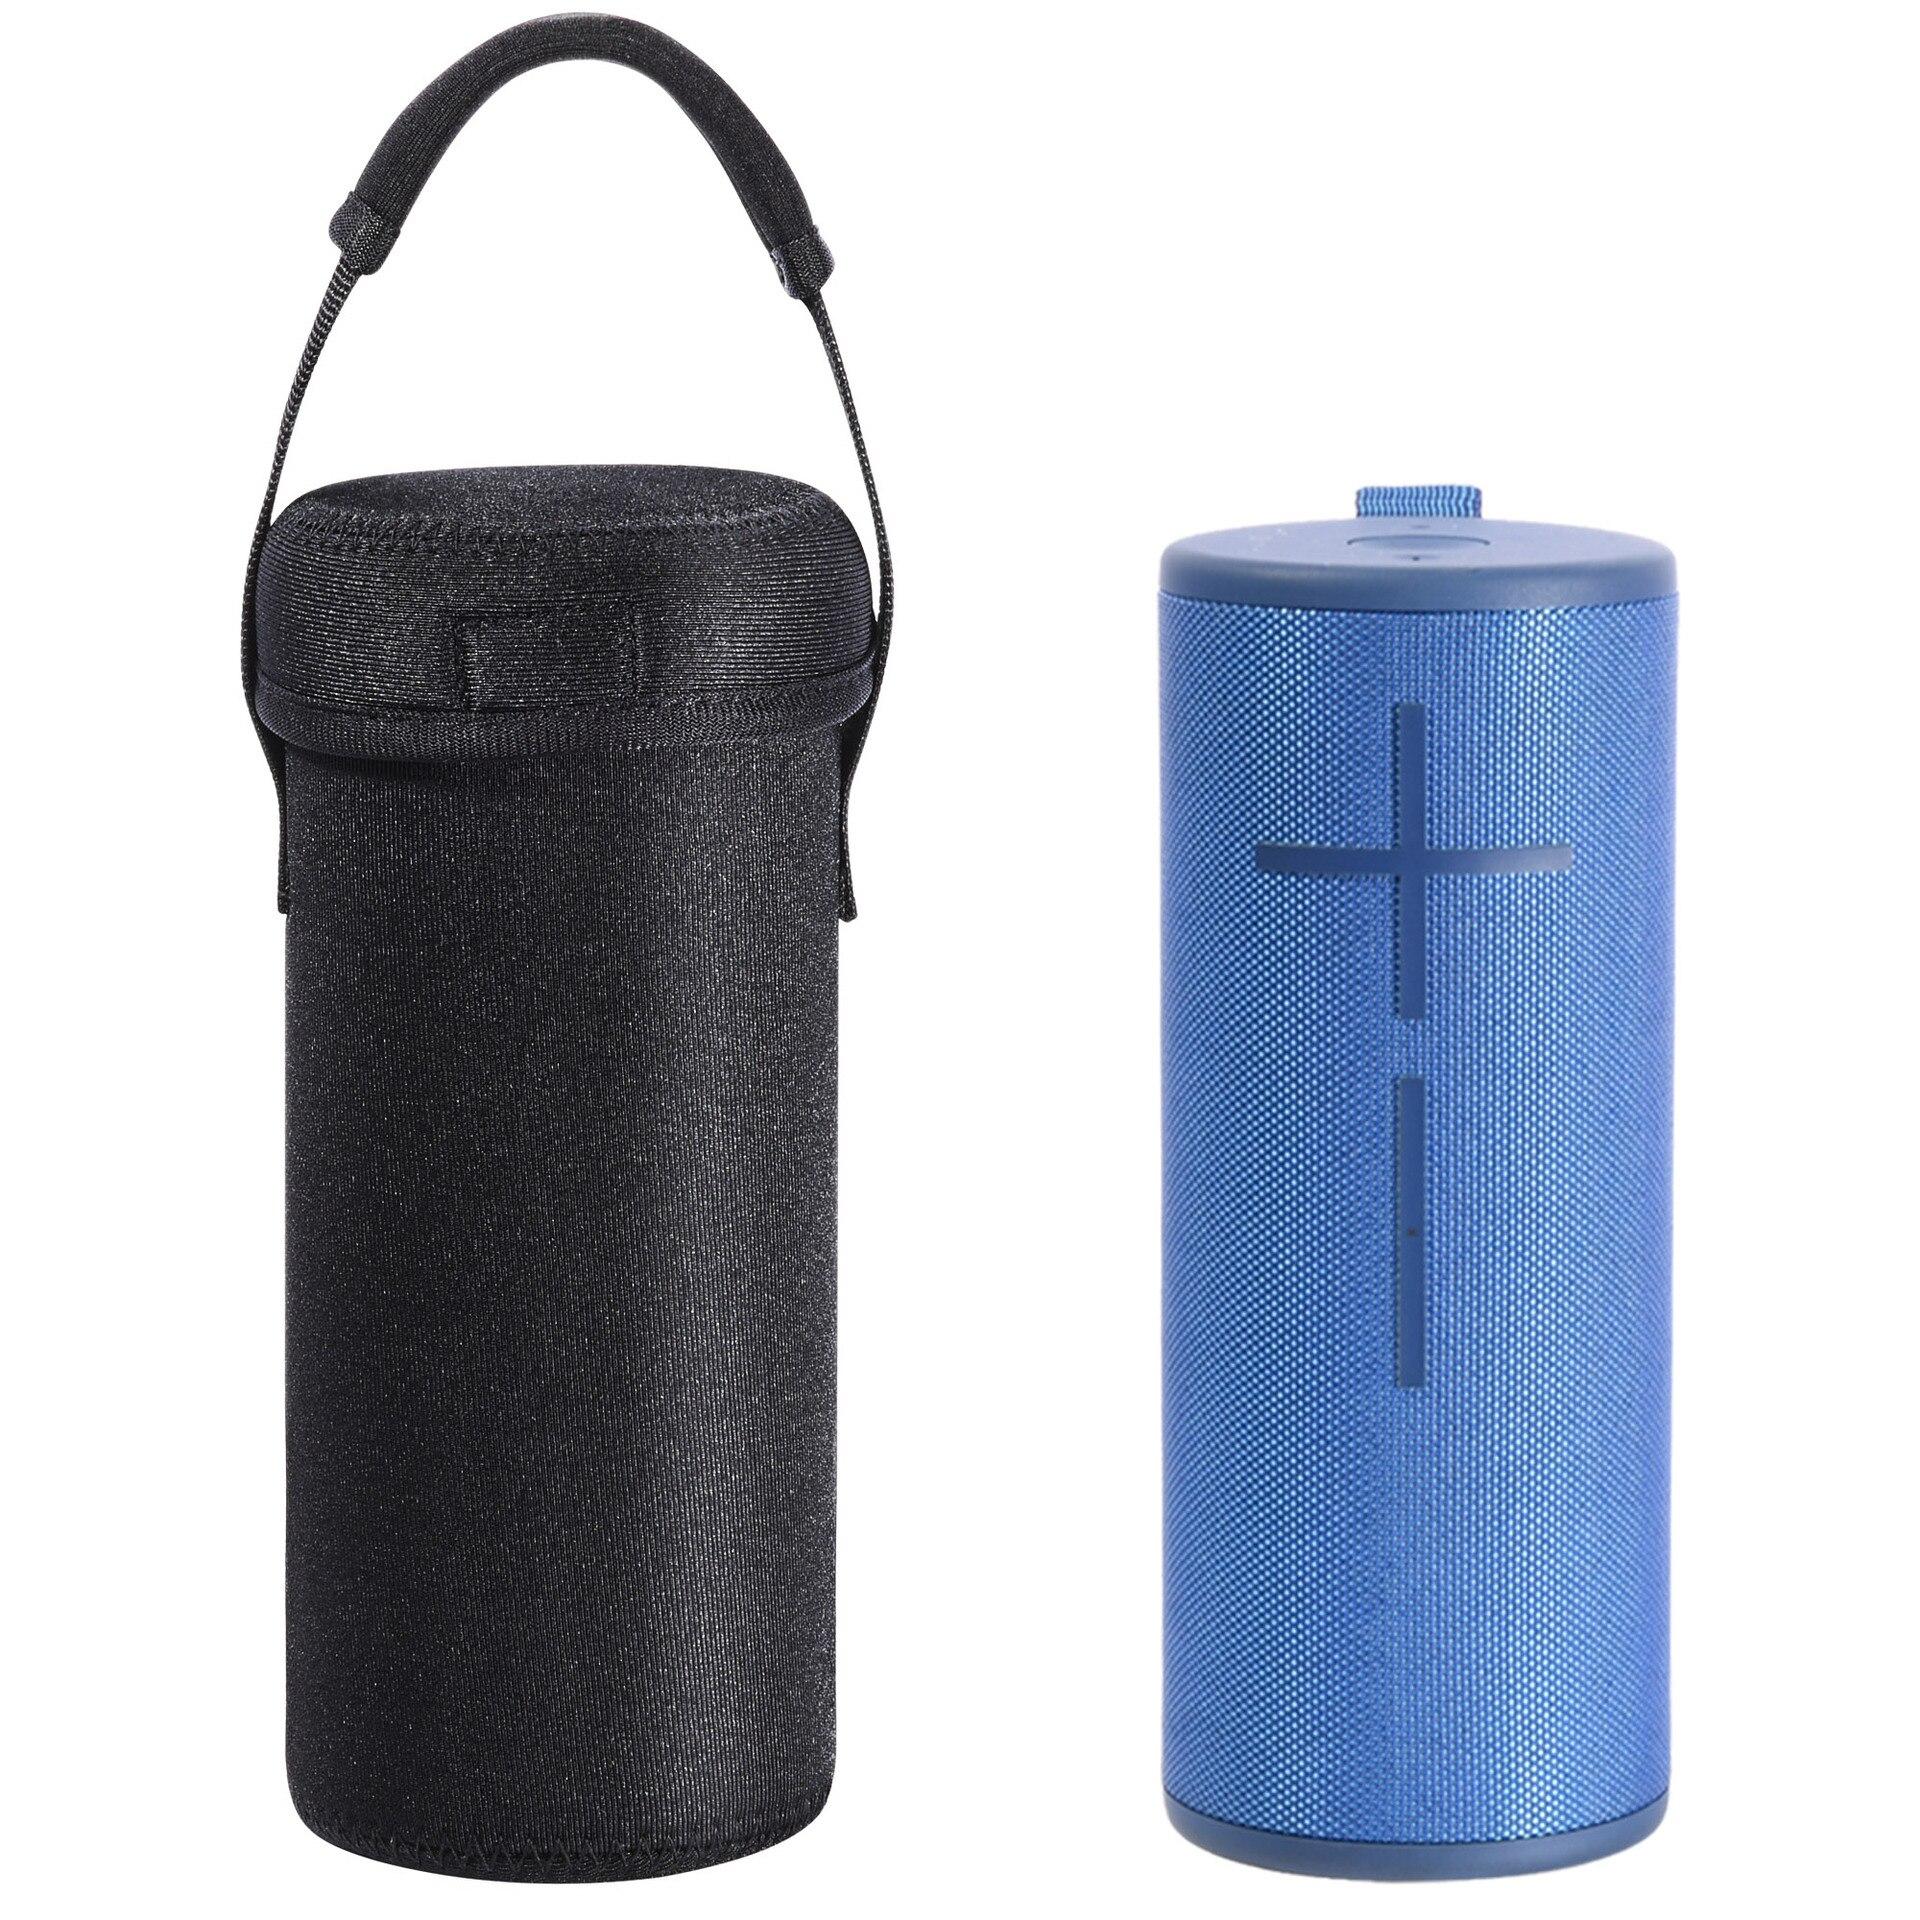 Caso alto-falante portátil para ue boom 3 para ue megaboom 3 transporte ao ar livre saco de proteção grossa bolsa